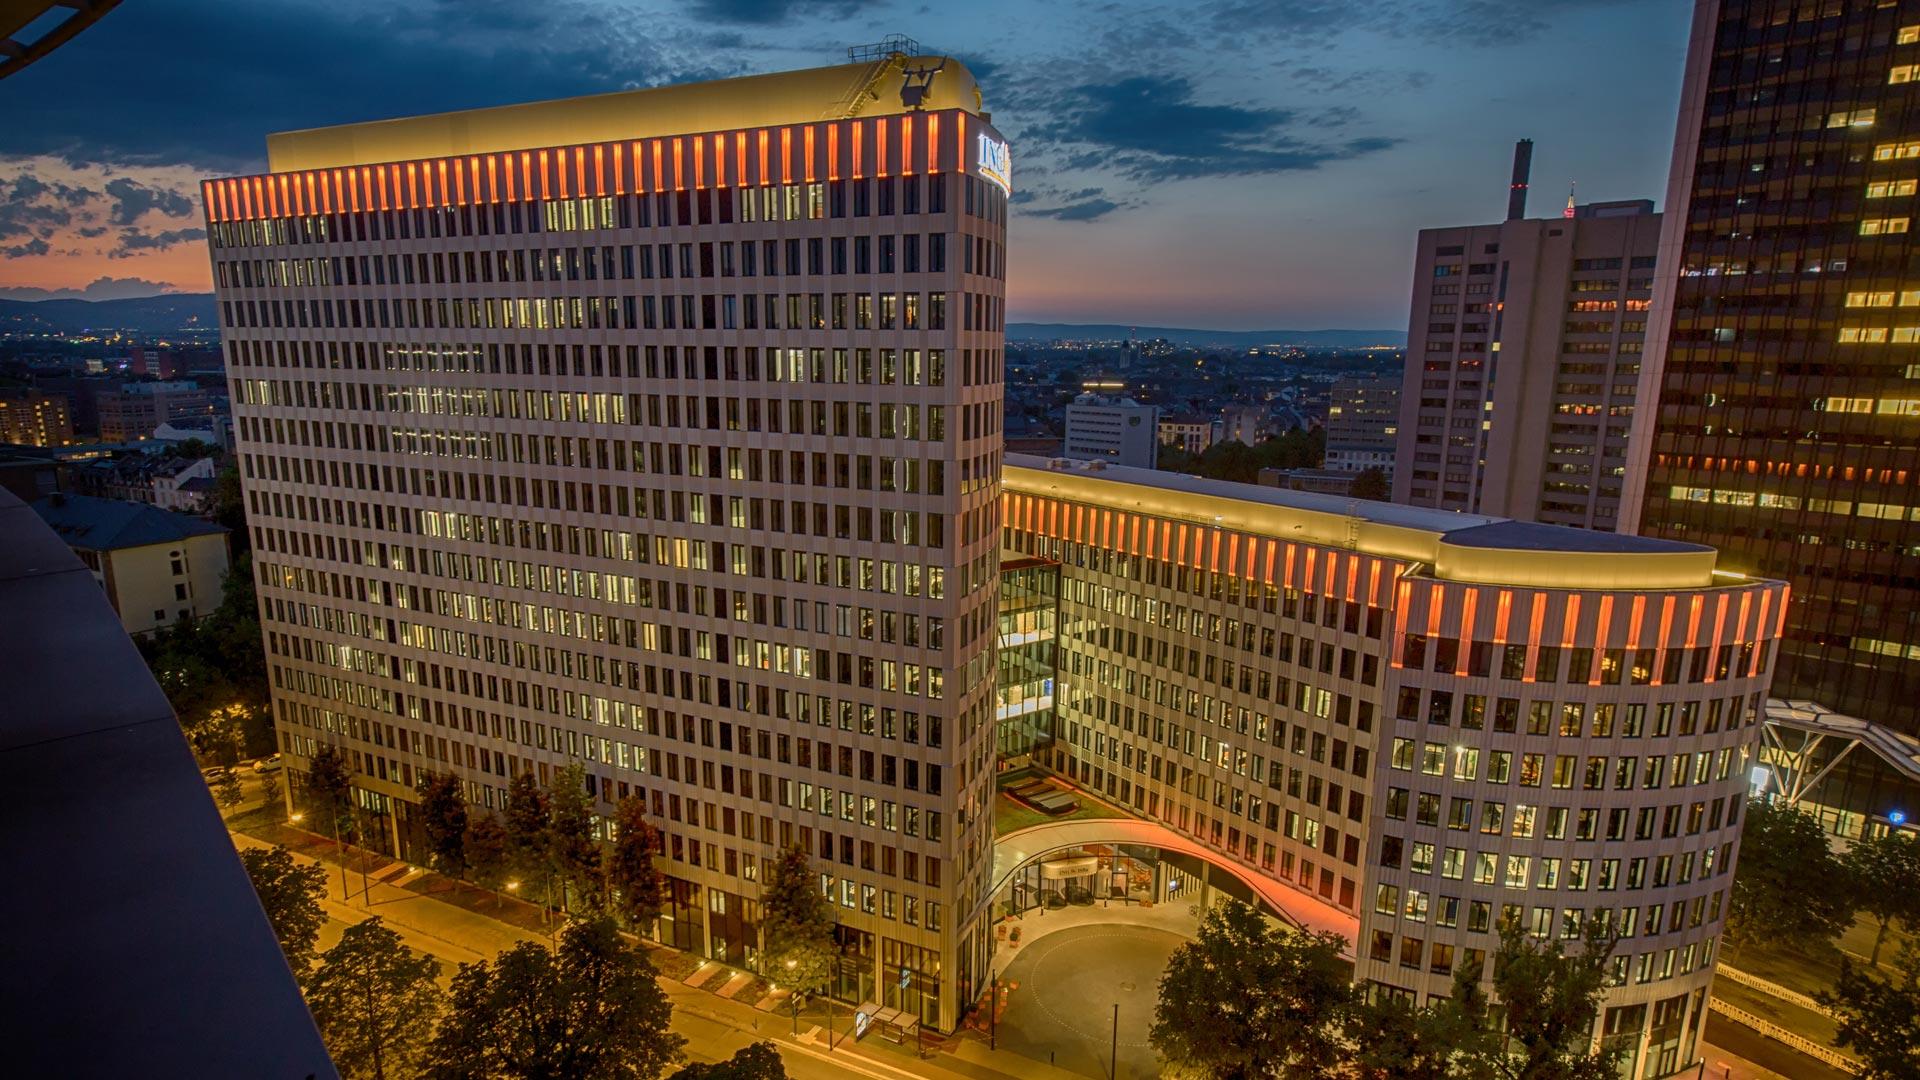 """MAASS-Lichtplanung_Fassadenbeleuchtung ING-DiBa AG Headquarter """"LEO""""__MAASS-LEO-Attikabeleuchtung-003"""